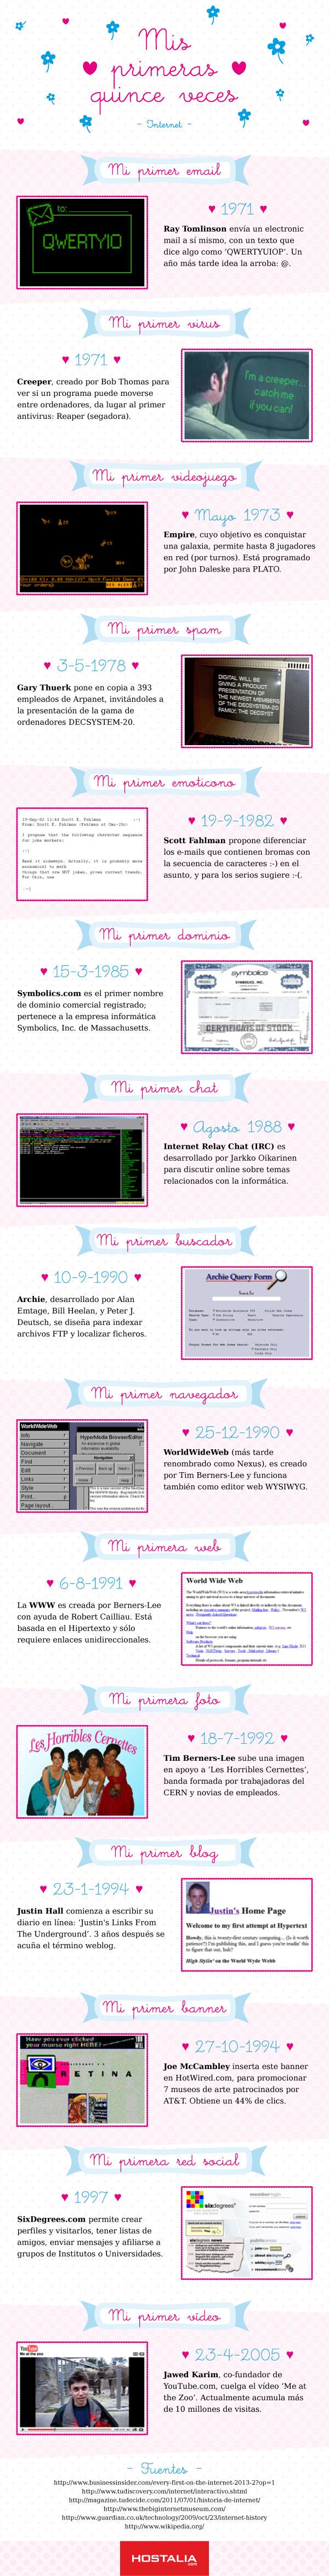 infografia-mis-primeras-quince-veces-internet-blog-de-hostalia-hosting